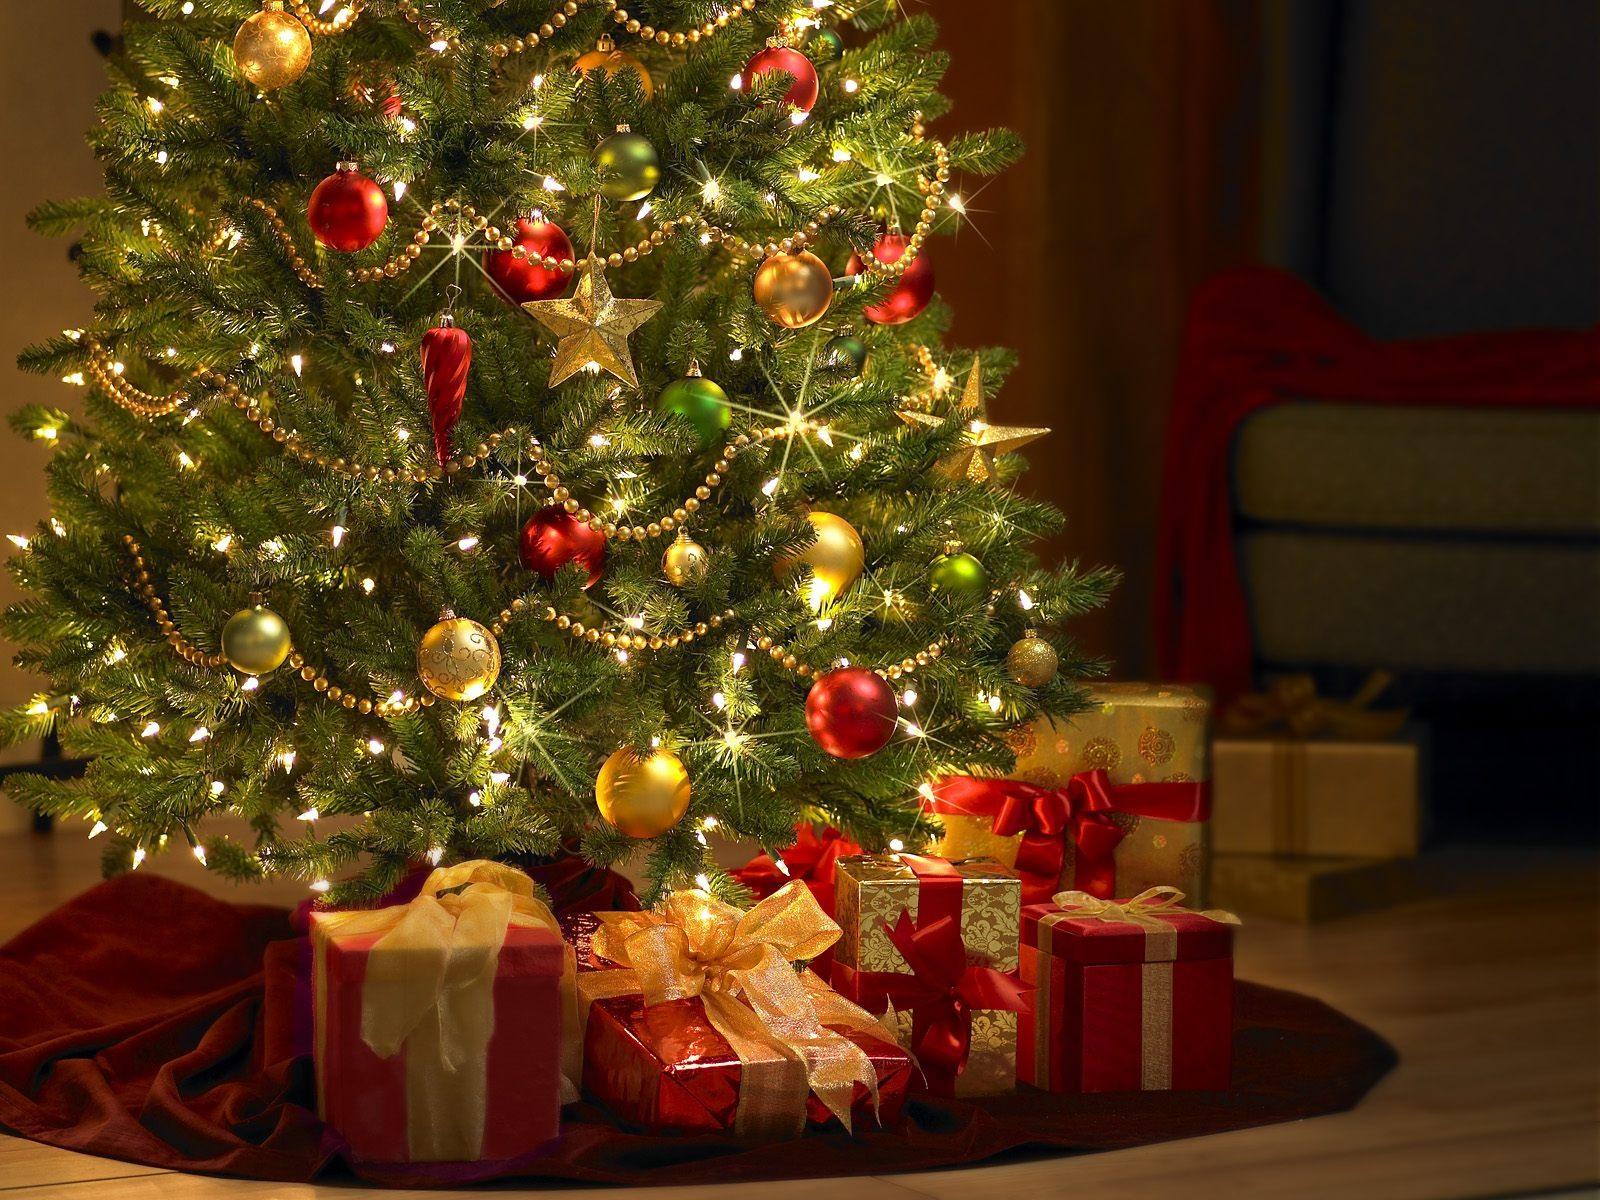 рекомендую с ПВ-услуг  Веселые и сказочные Дед мороз и Снегурочка спешат к вашим деткам 2016-2017